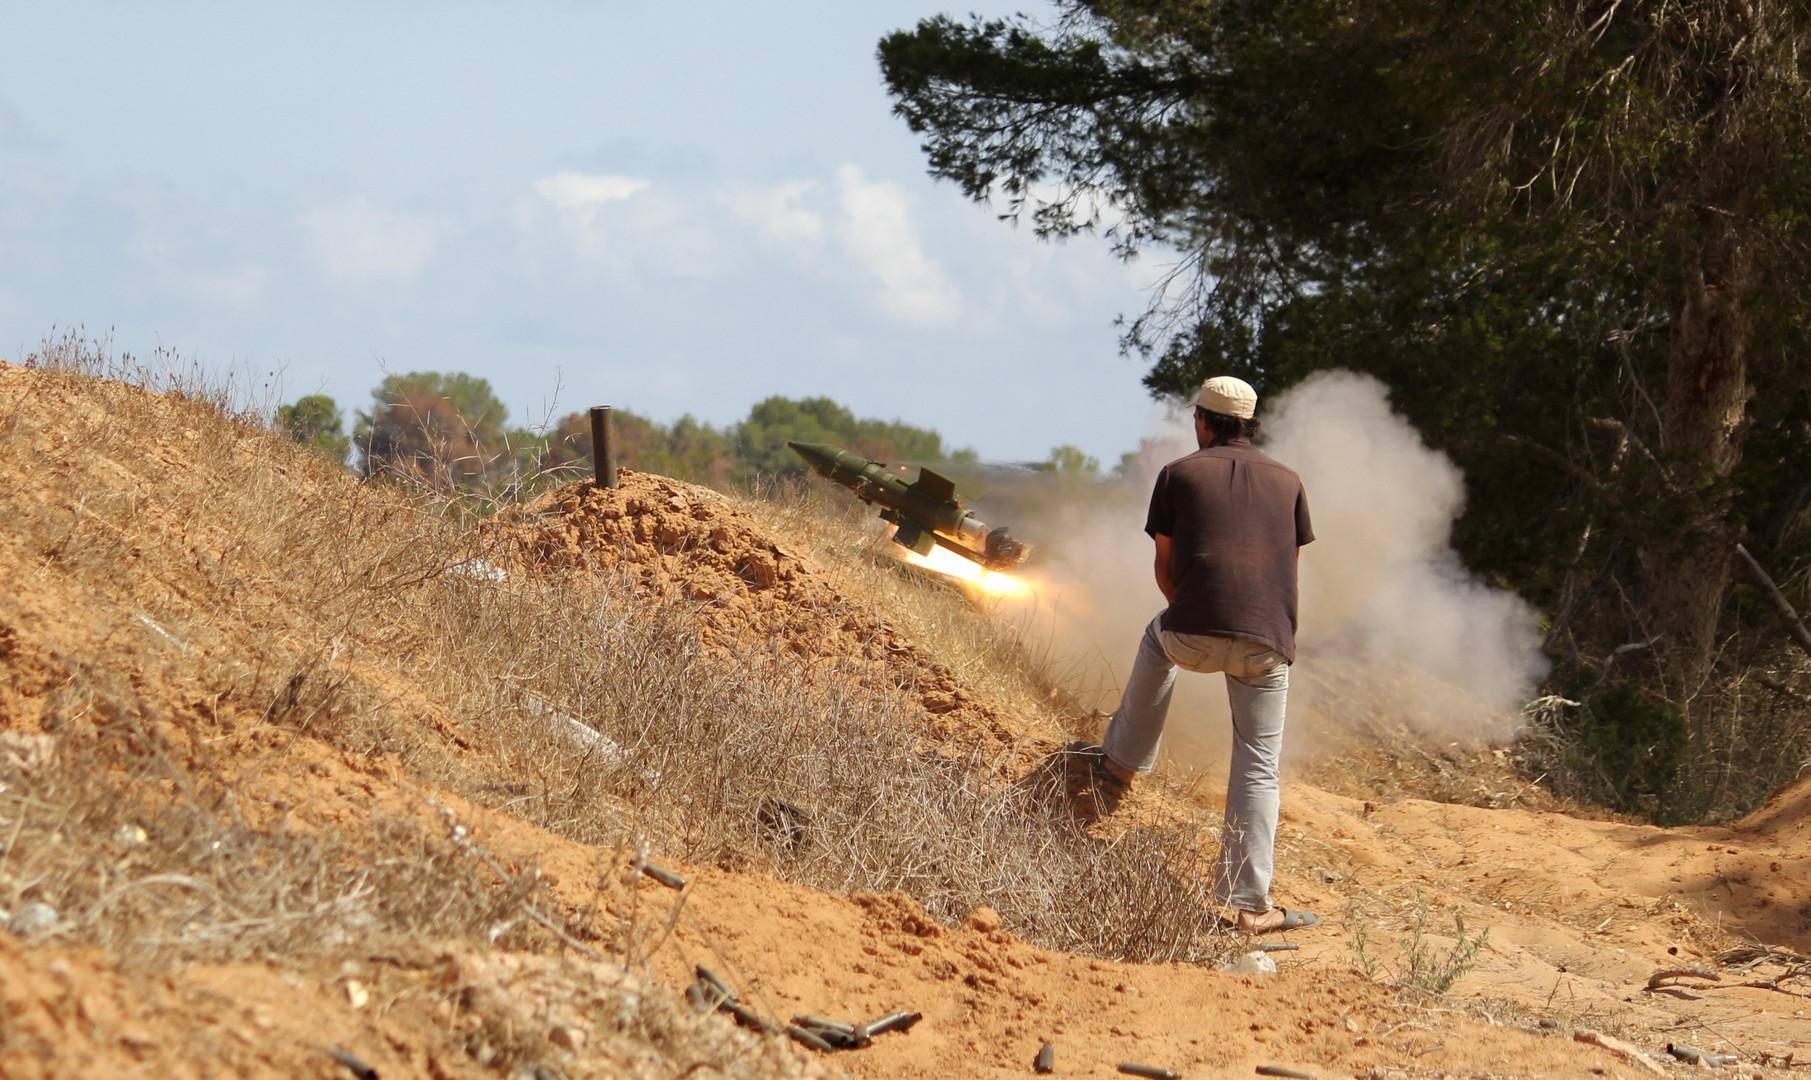 Des missiles Milan, distribués en Libye, seraient aussi aux mains de Daesh